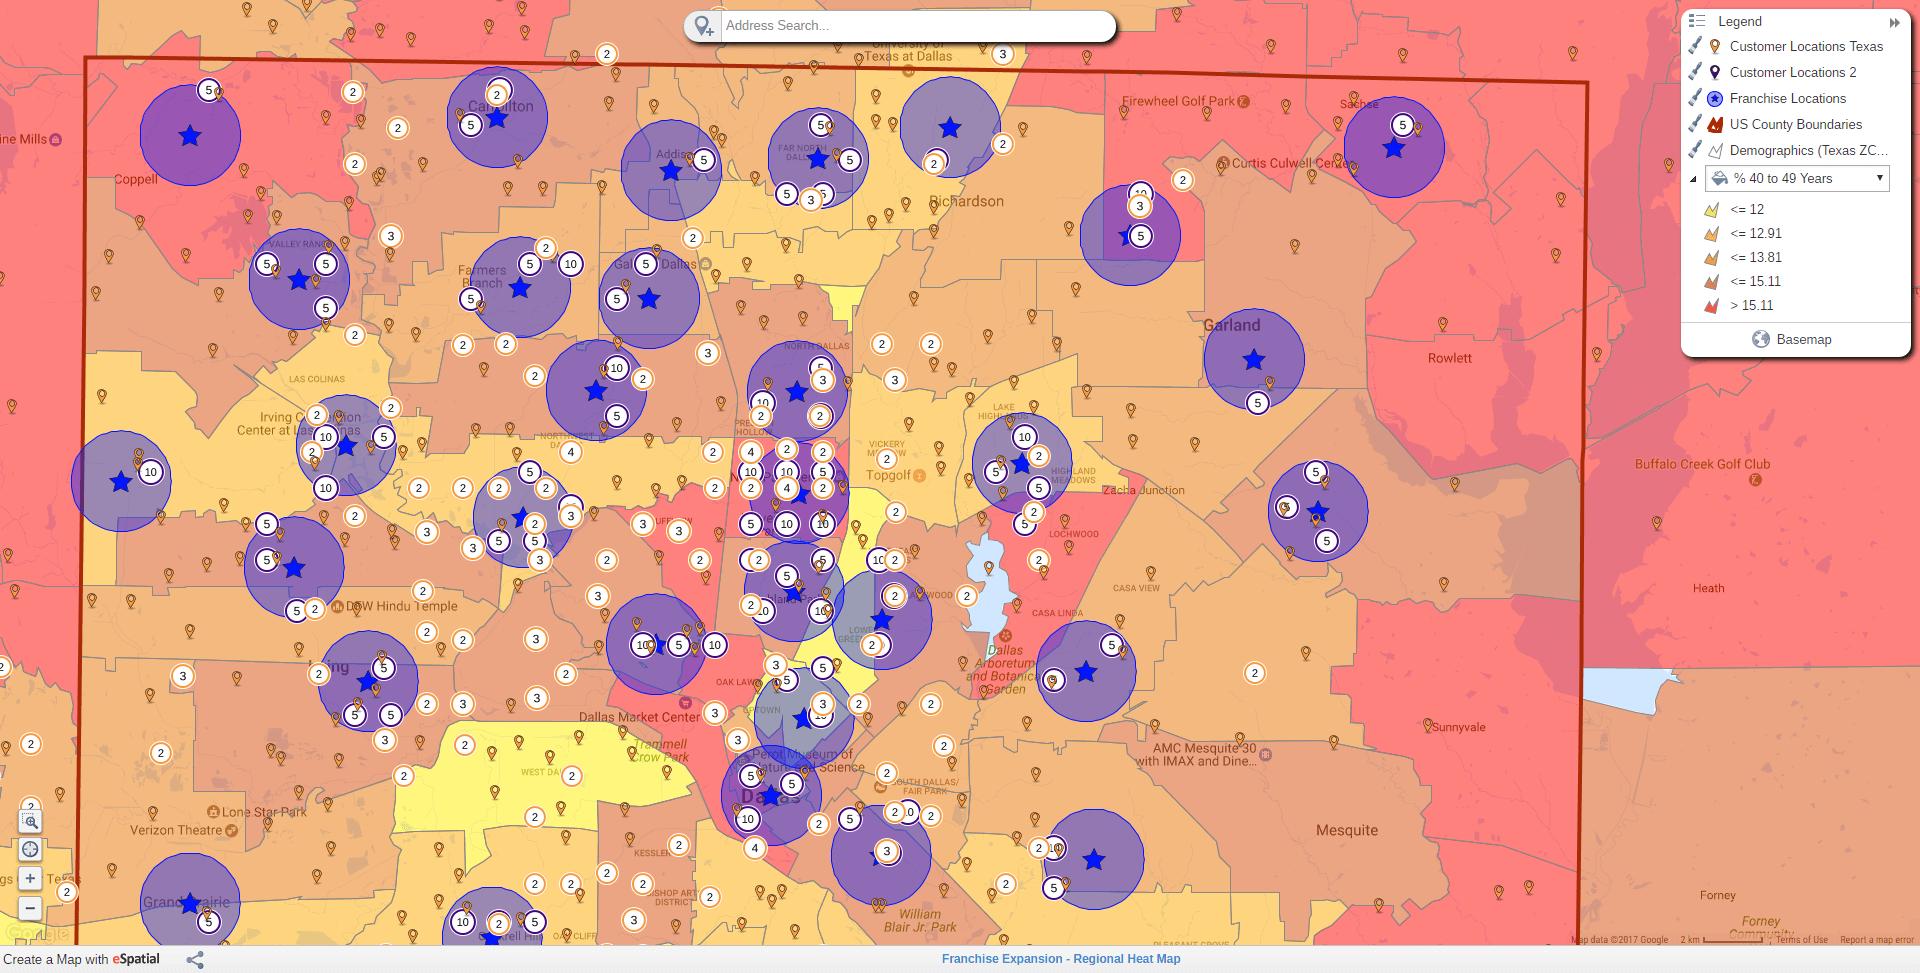 Regional Heat Maps